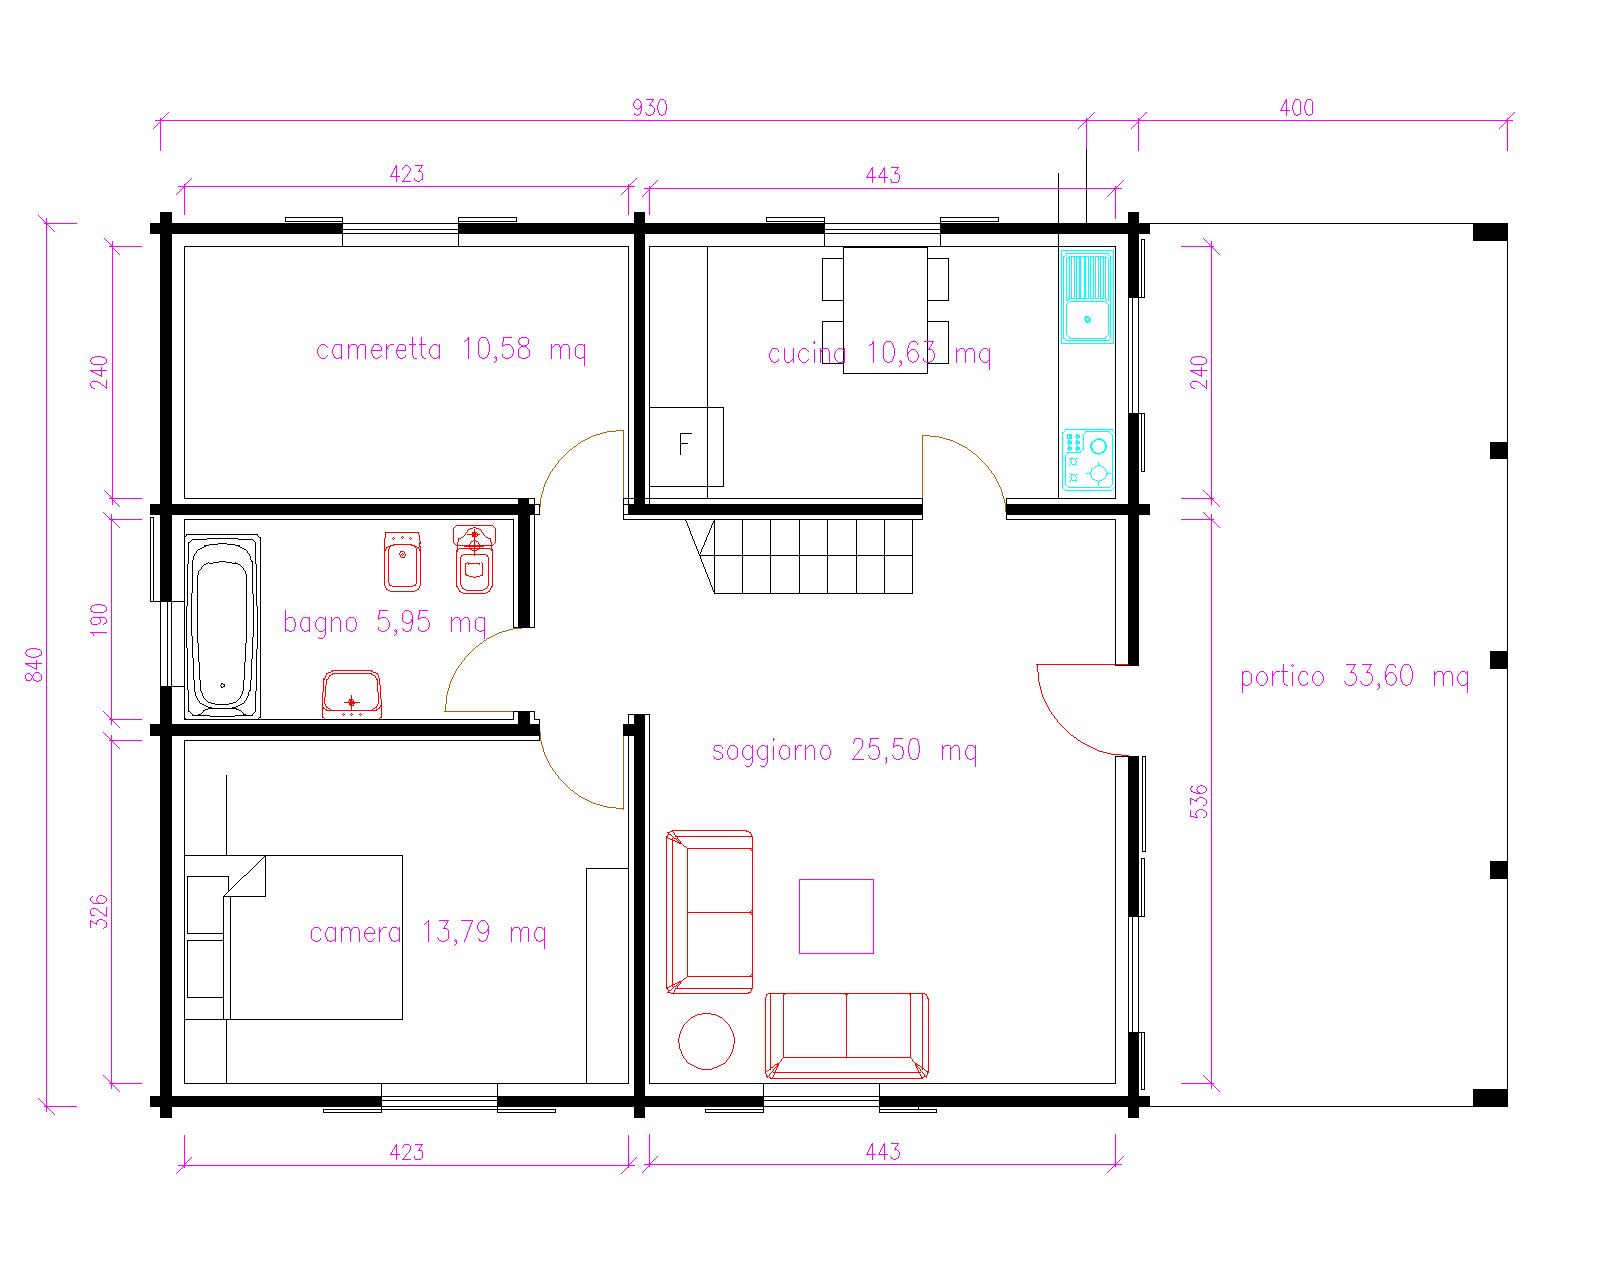 Progetti di case in legno casa 116 mq portico 33 mq for Progetti di casa sollevati